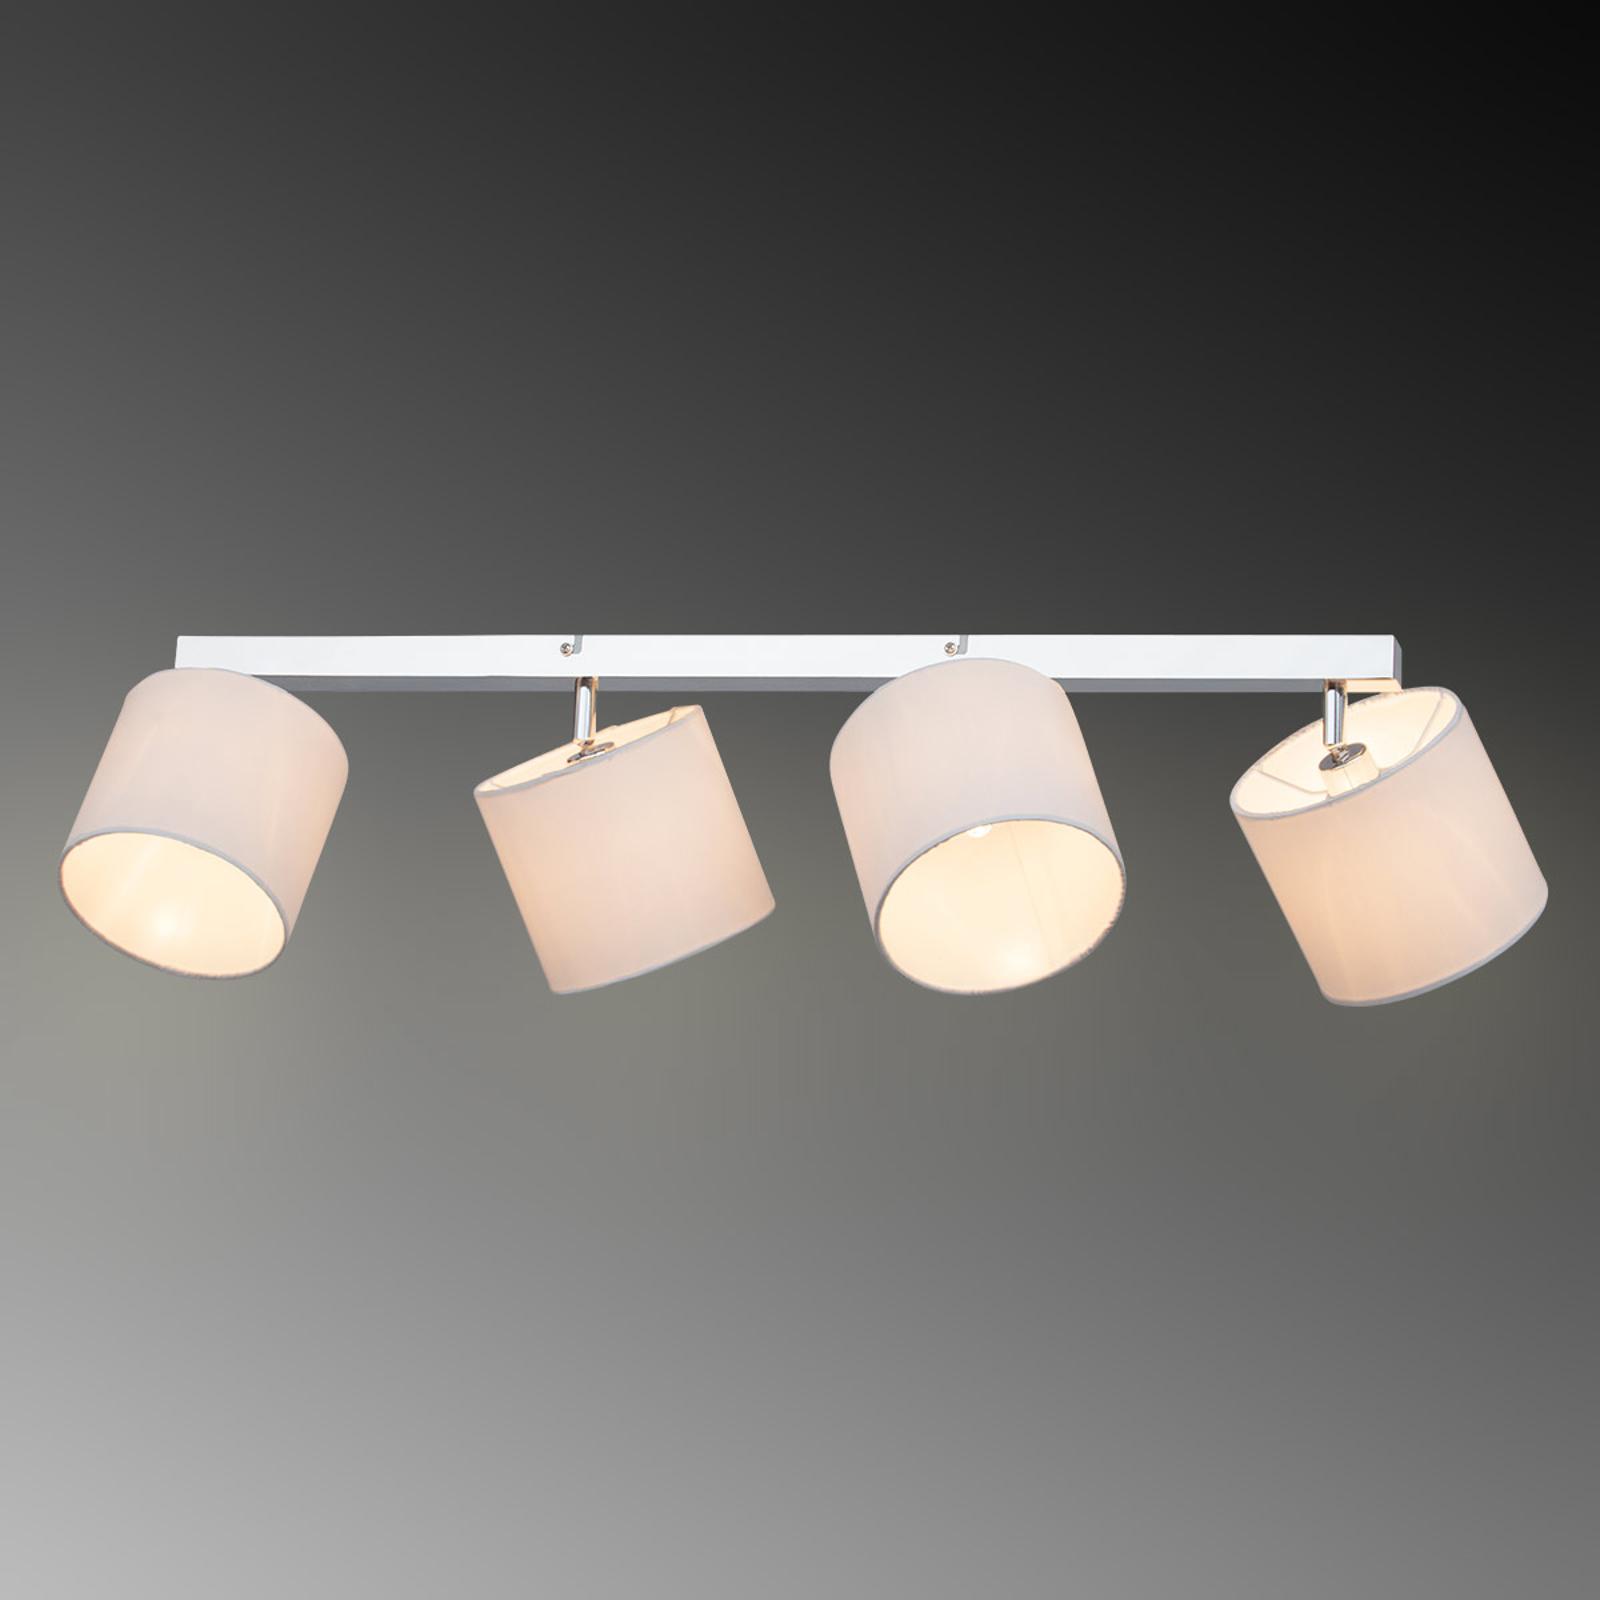 Plafonnier Sandra à 4 lampes abat-jour textile